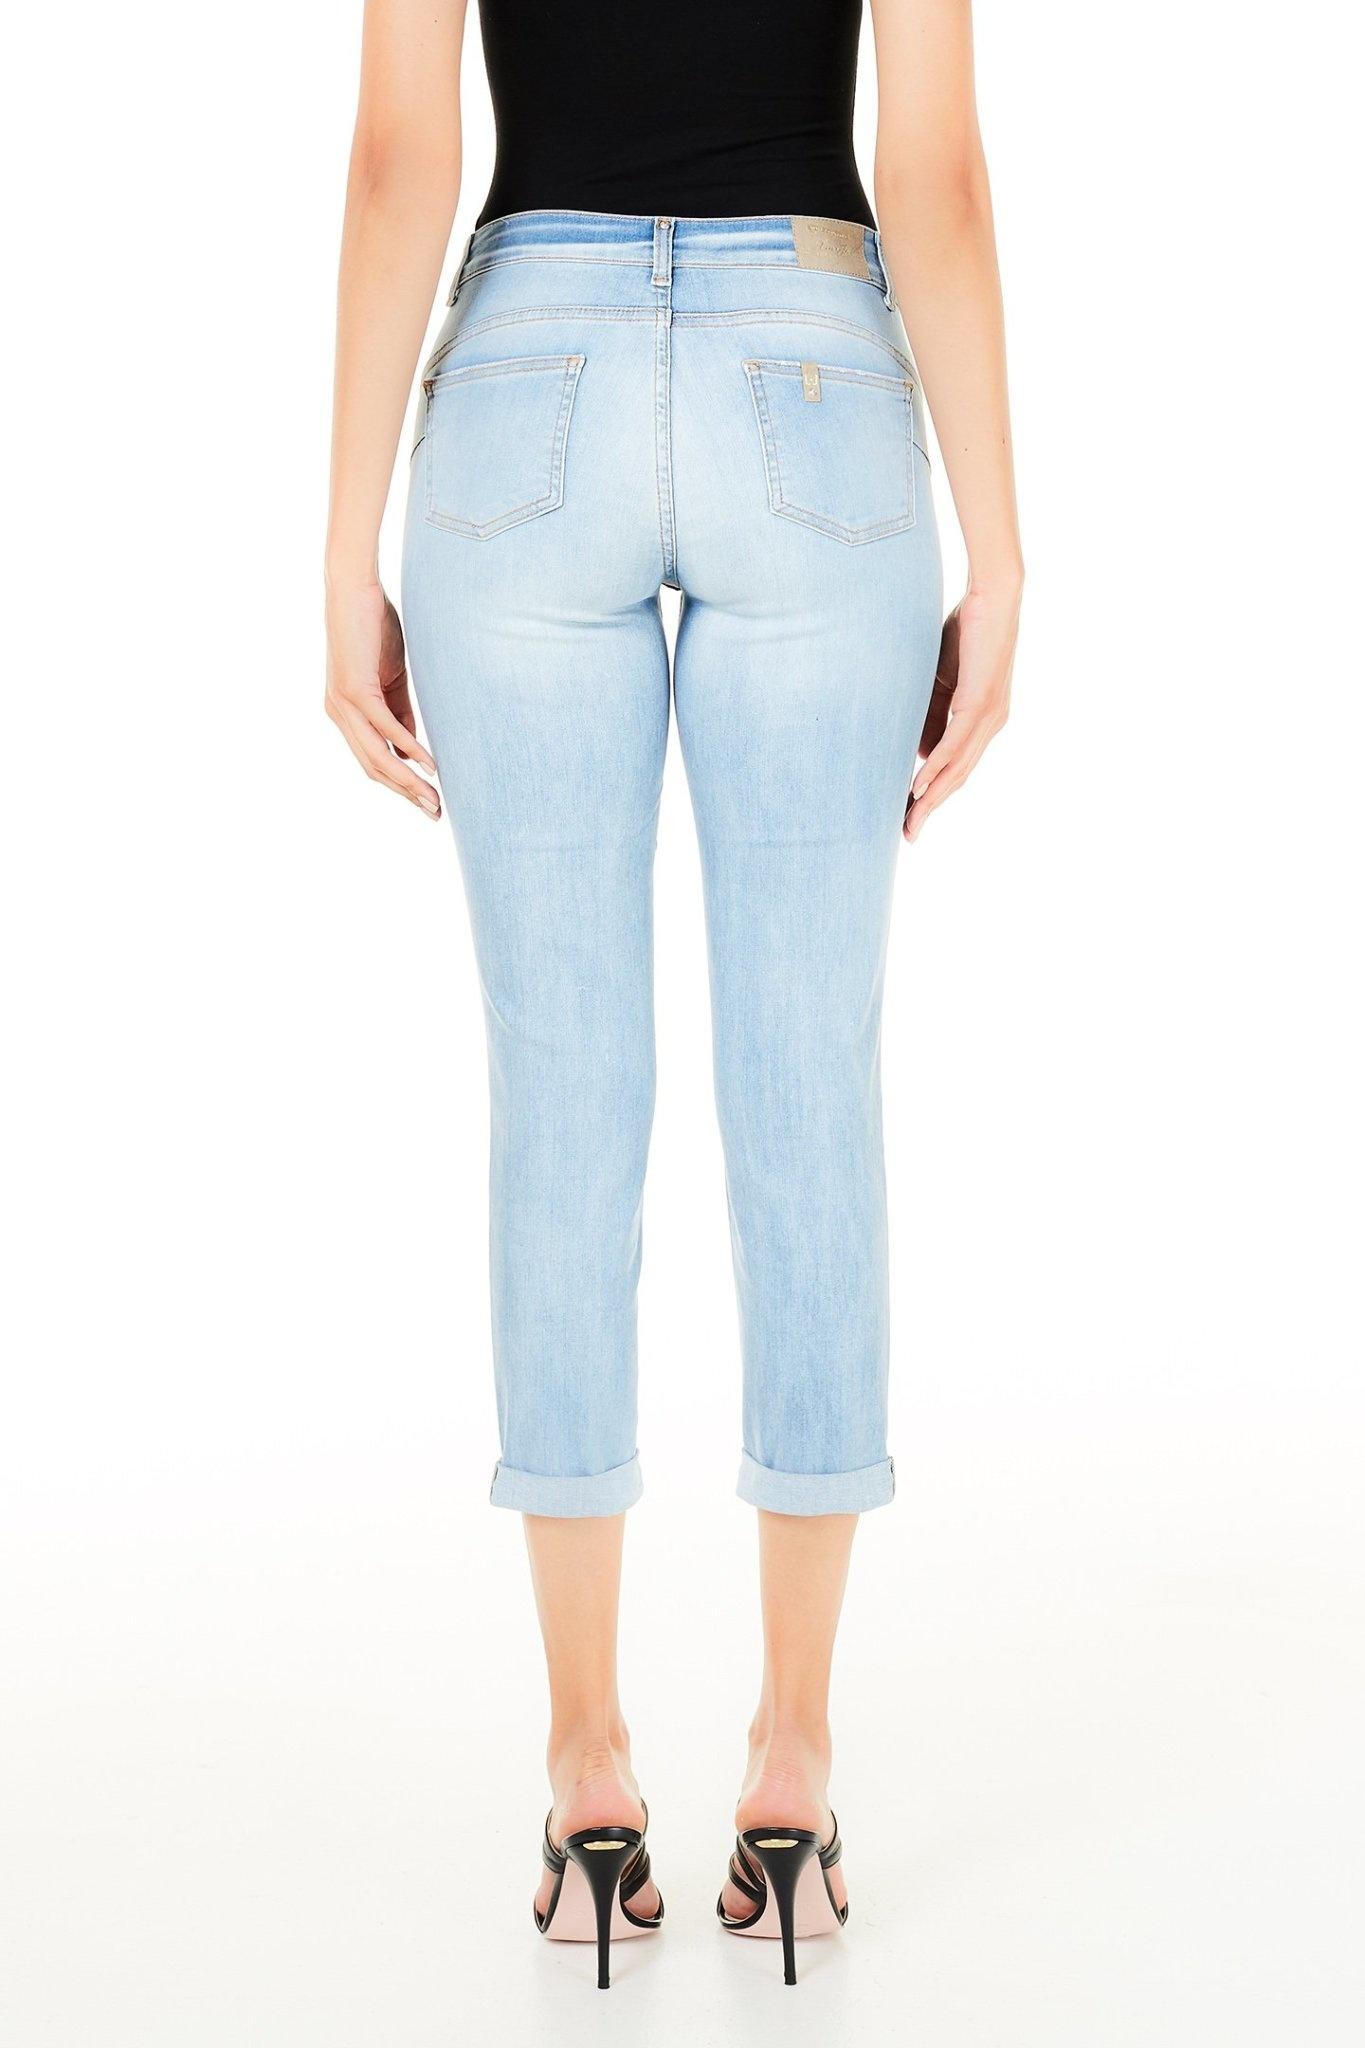 Jeans bottom up Monroe light blue-2